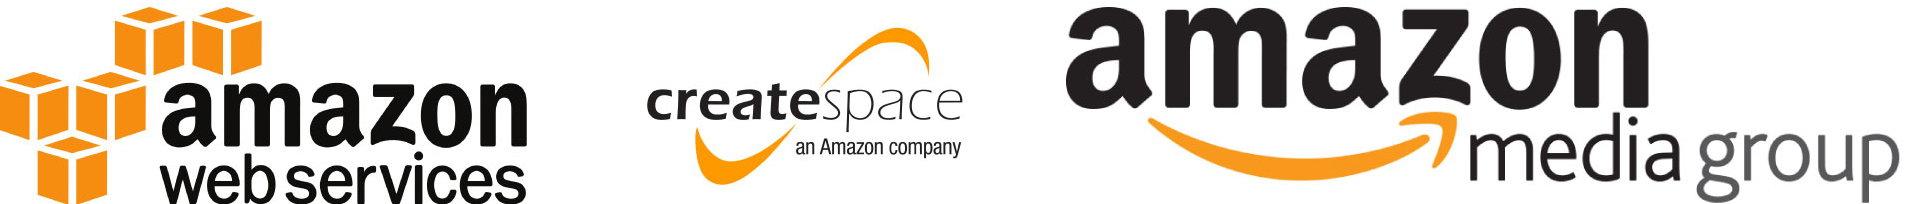 amazon-companies-02